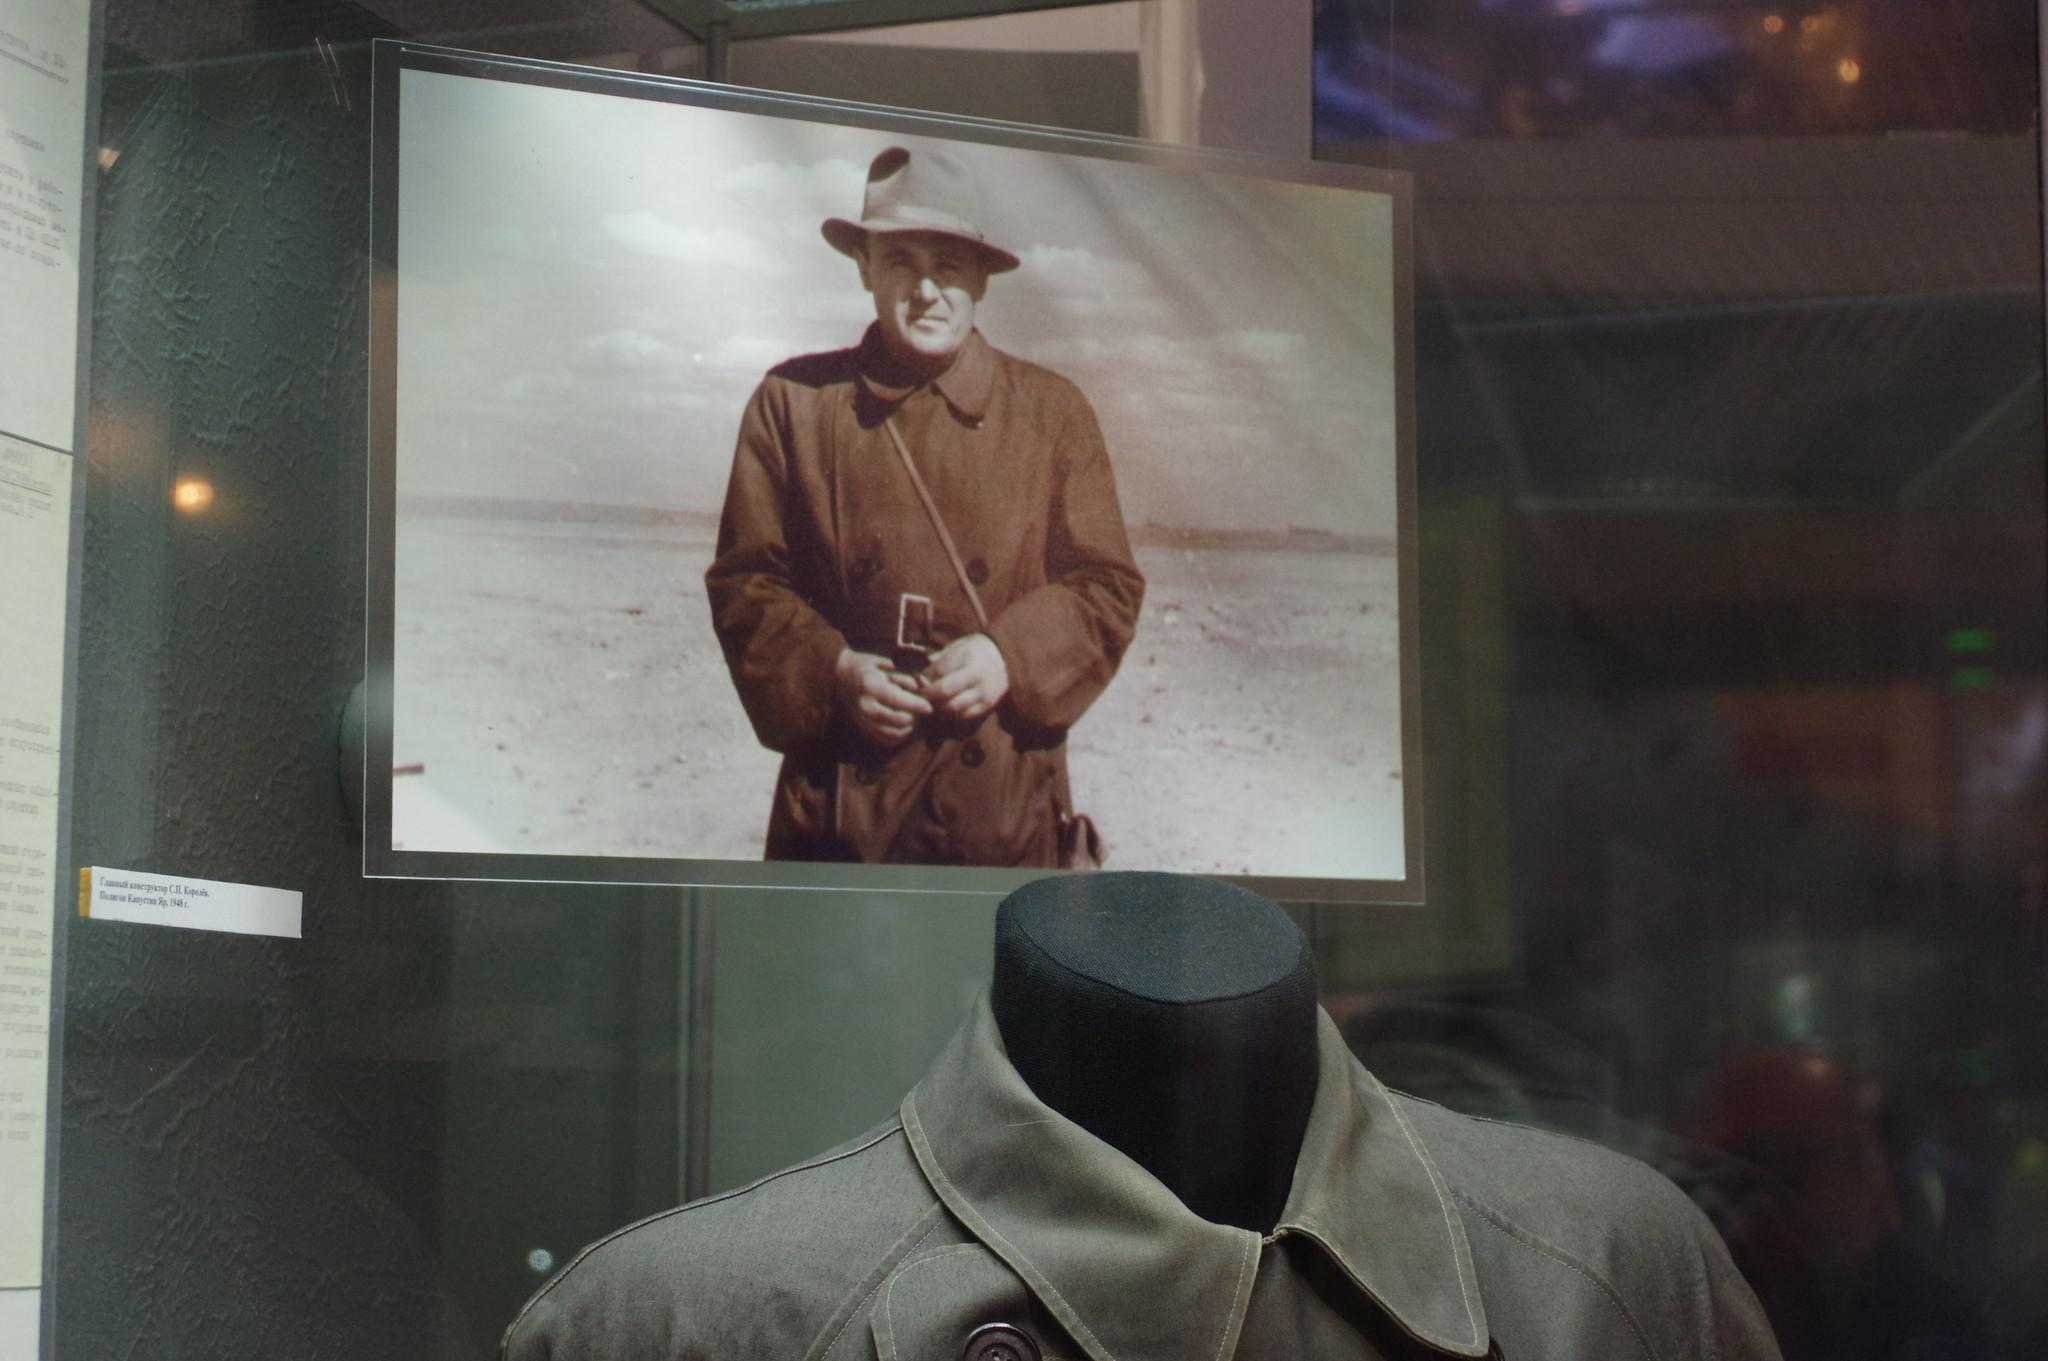 Плащ Главного конструктора С.П. Королёва. Мемориальный музей космонавтики (Проспект мира, дом 111)